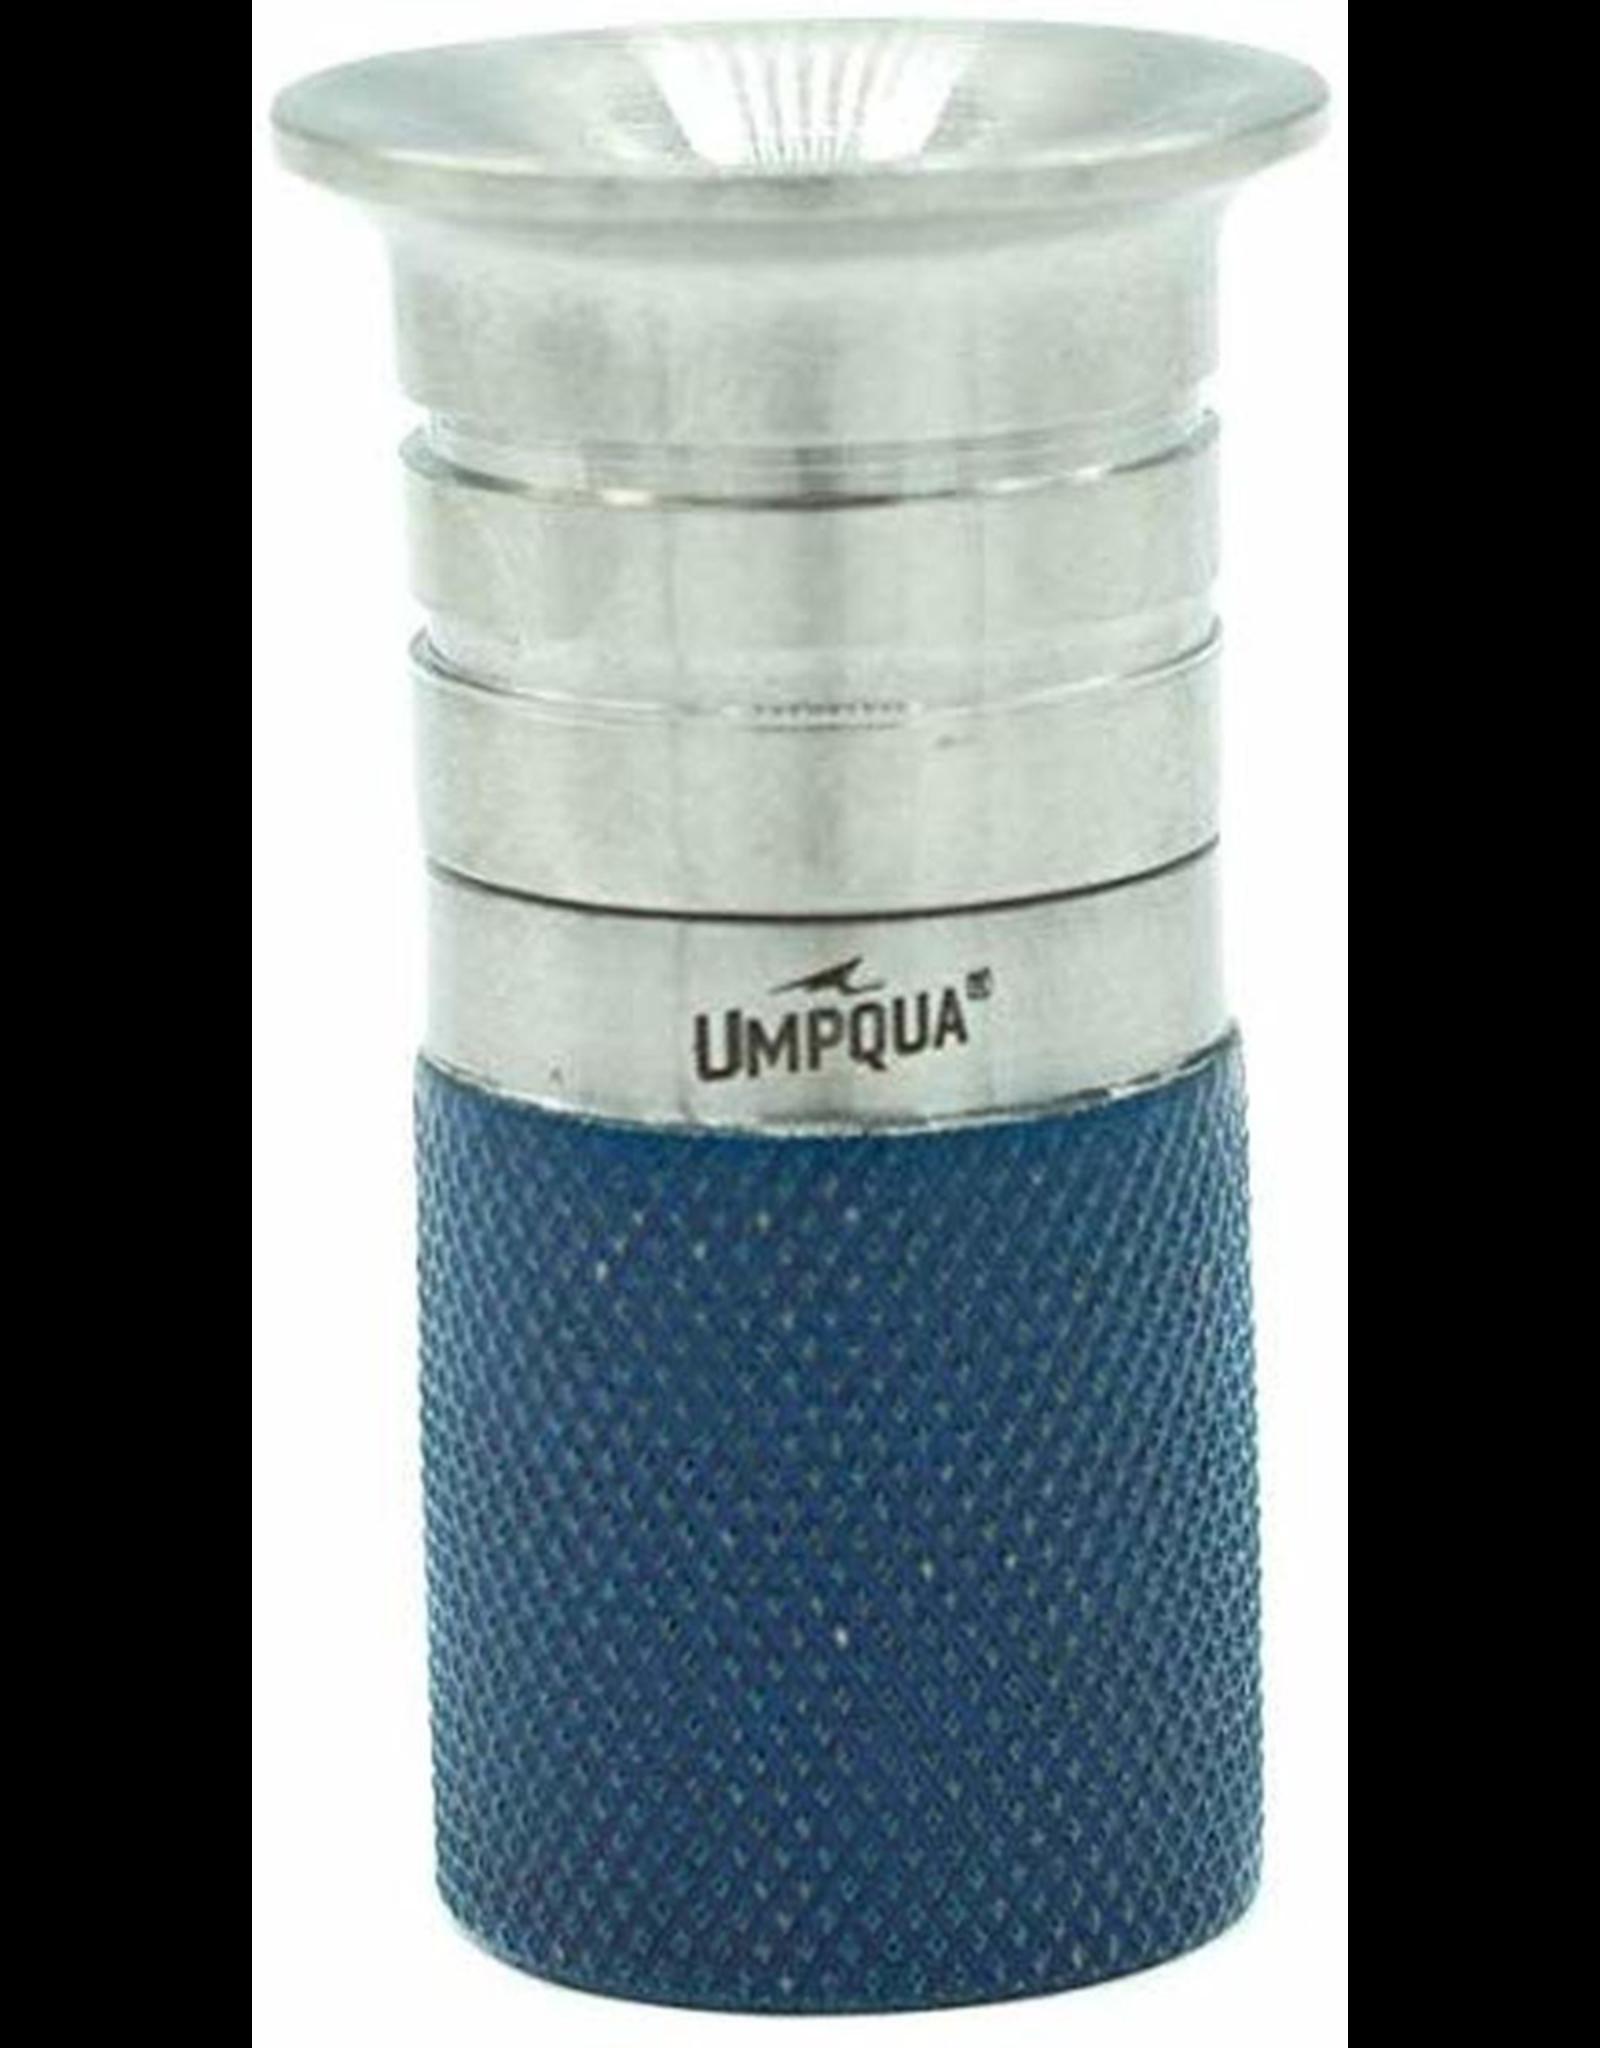 Umpqua Umpqua Dream Stream Plus Hair Stacker Small